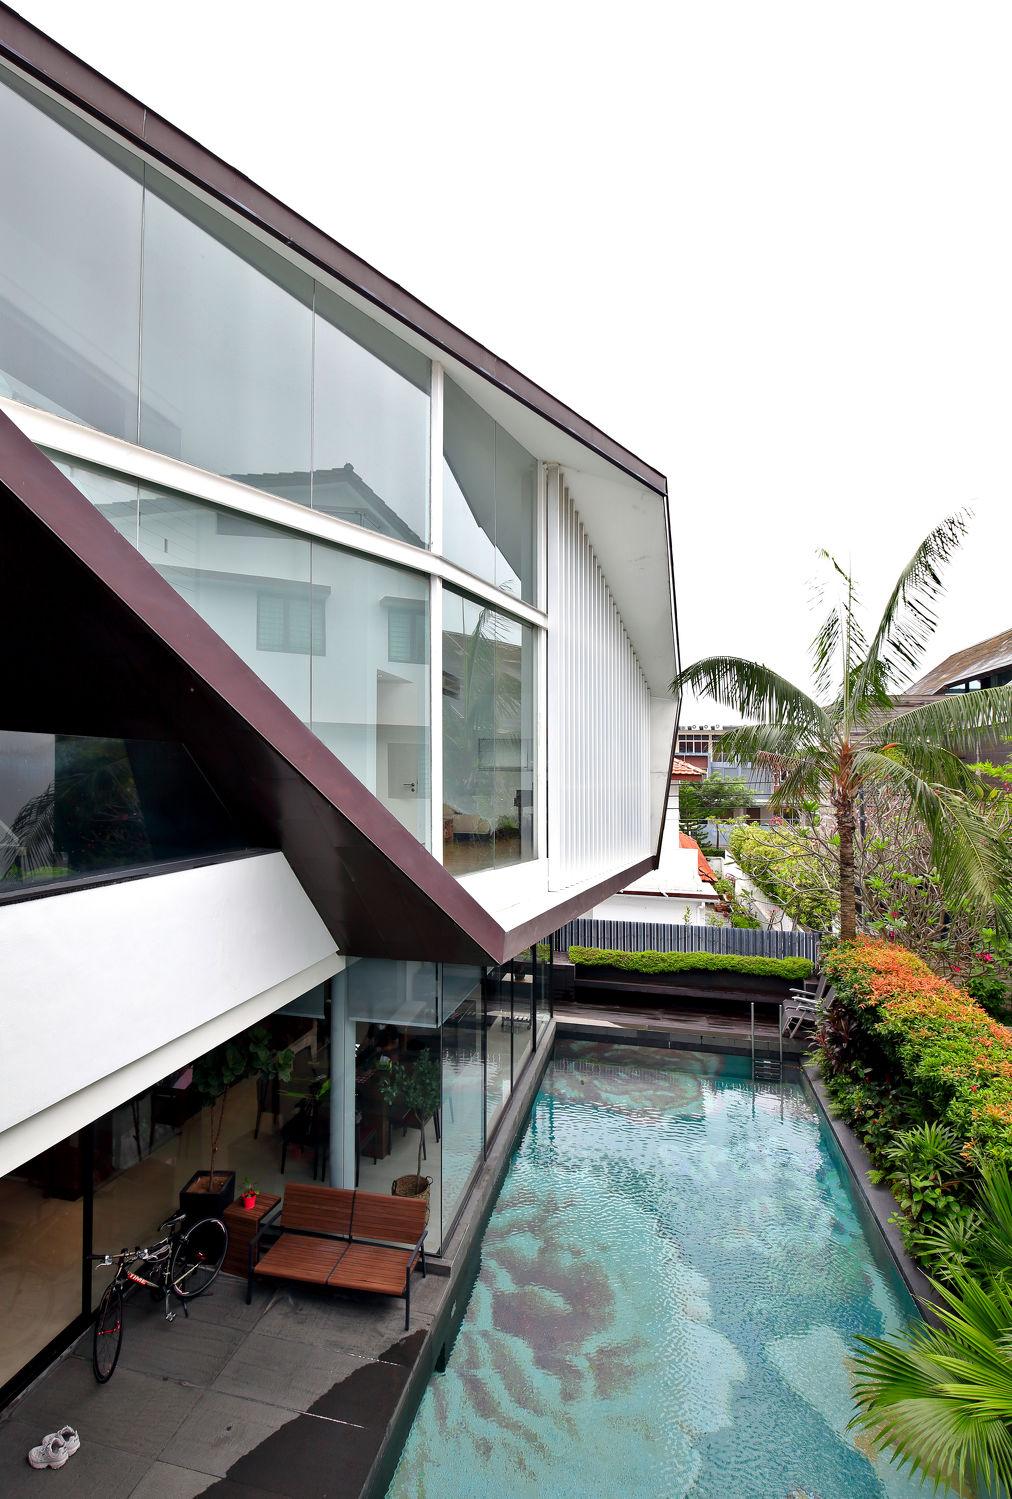 Siglap Plain - EDGEPROP SINGAPORE